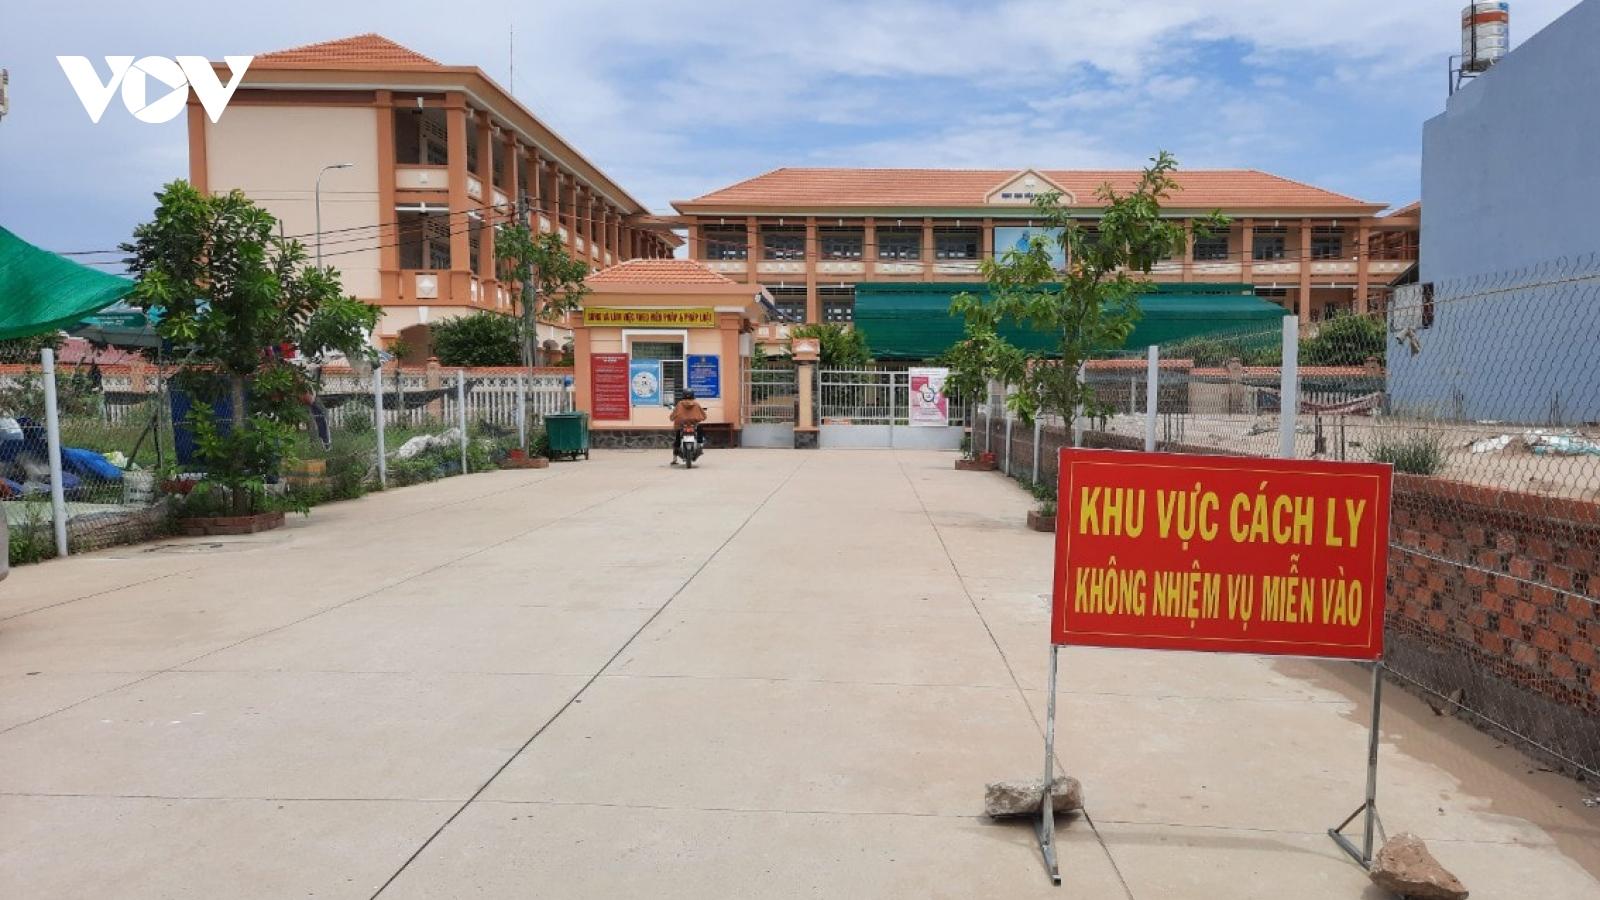 Phong tỏa khẩn cấp một xã ở Tiền Giang có 13 ca nghi nhiễm SARS-CoV-2